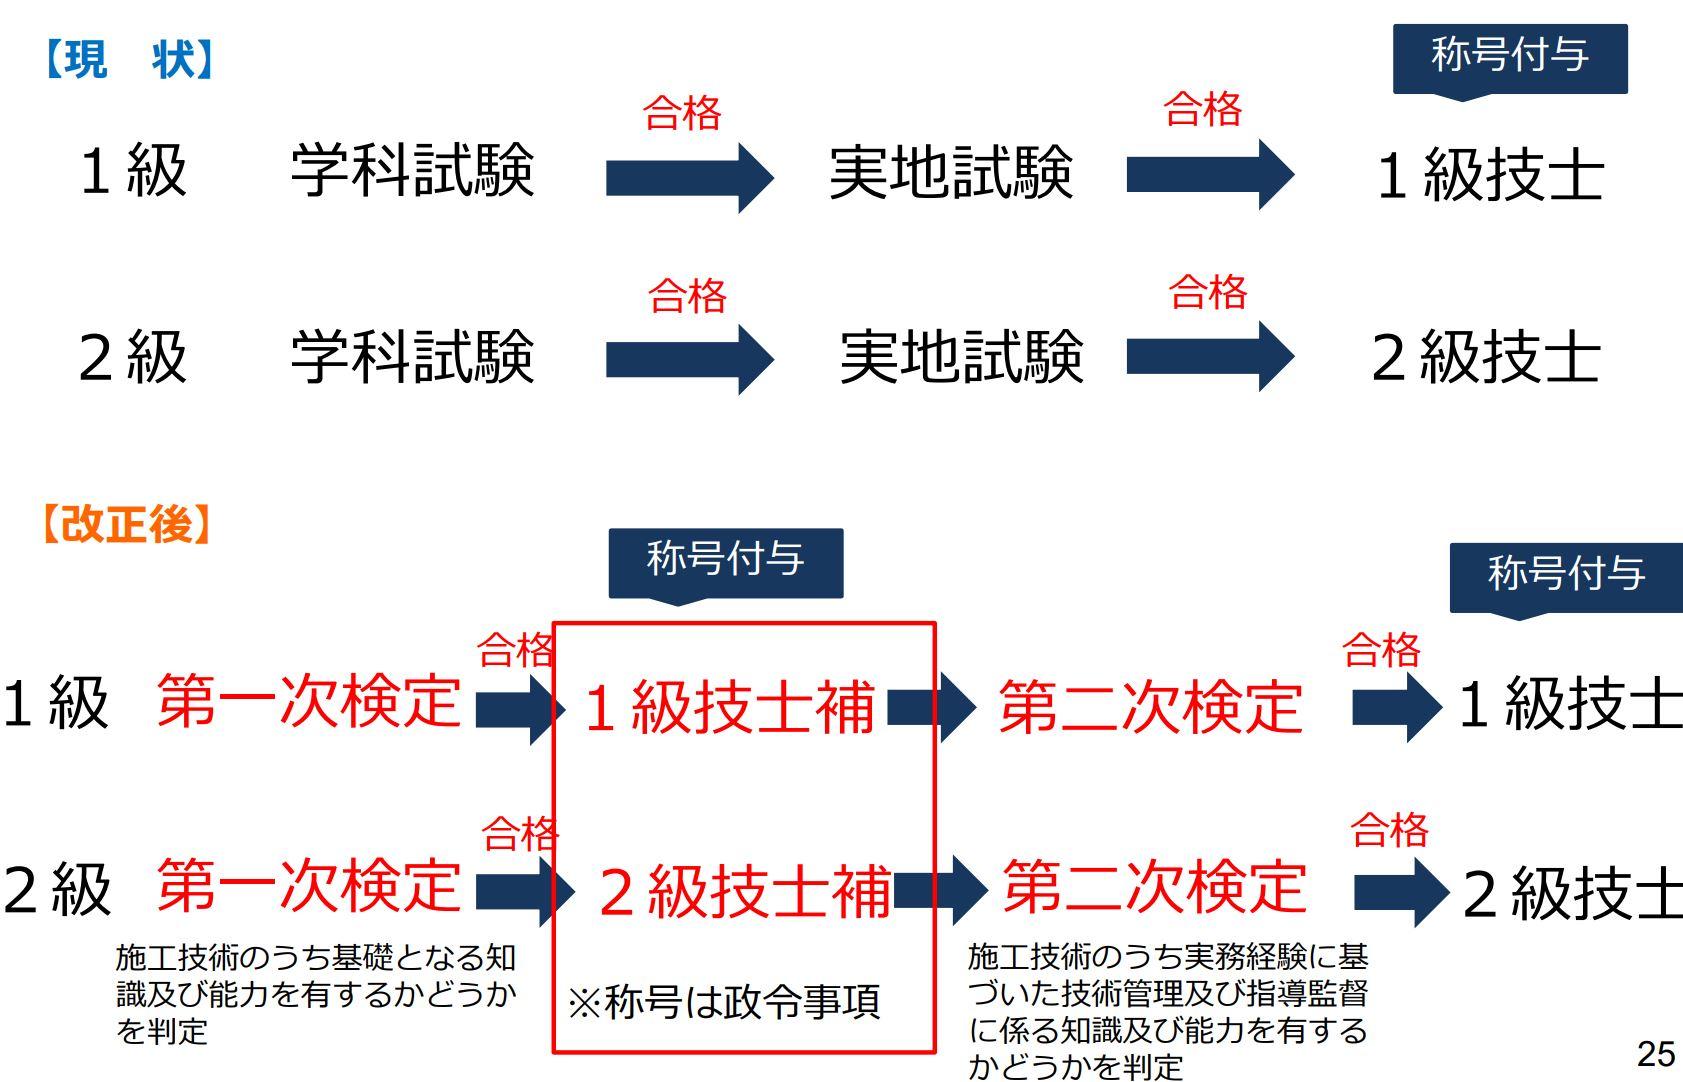 建設 業法 第 19 条